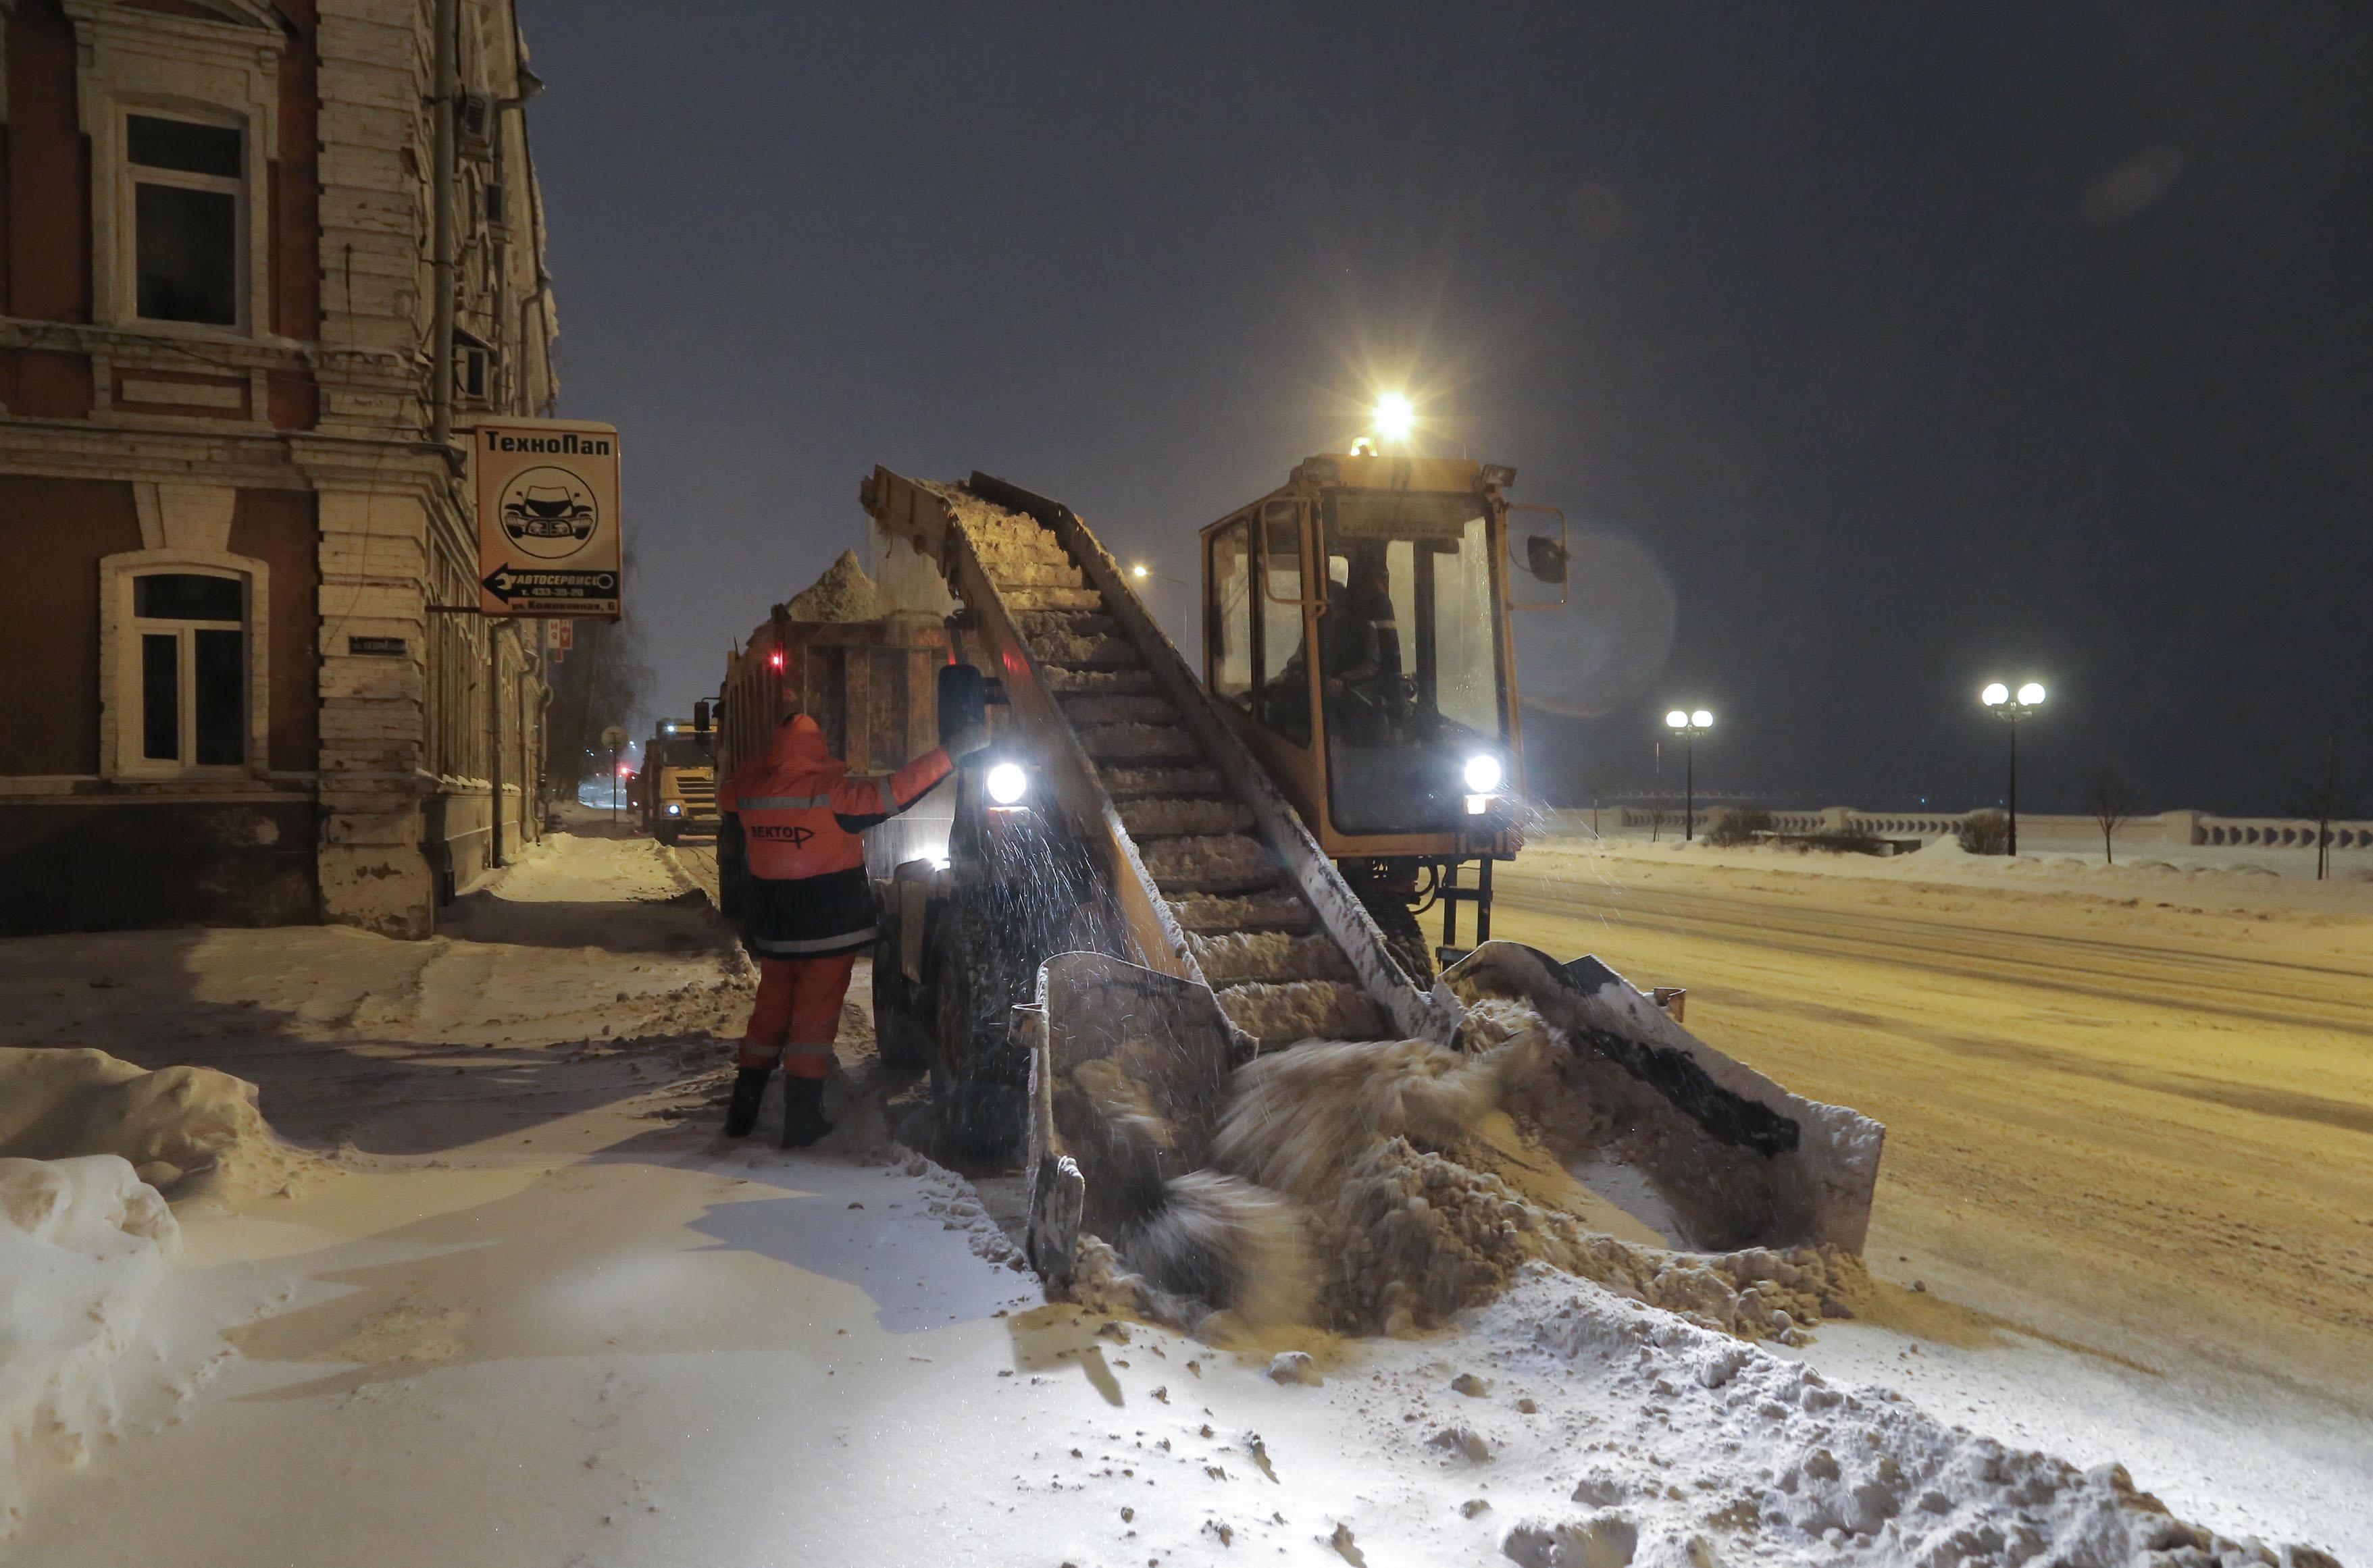 12 млн рублей выделили на уборку снега в центре Нижнего Новгорода - фото 1